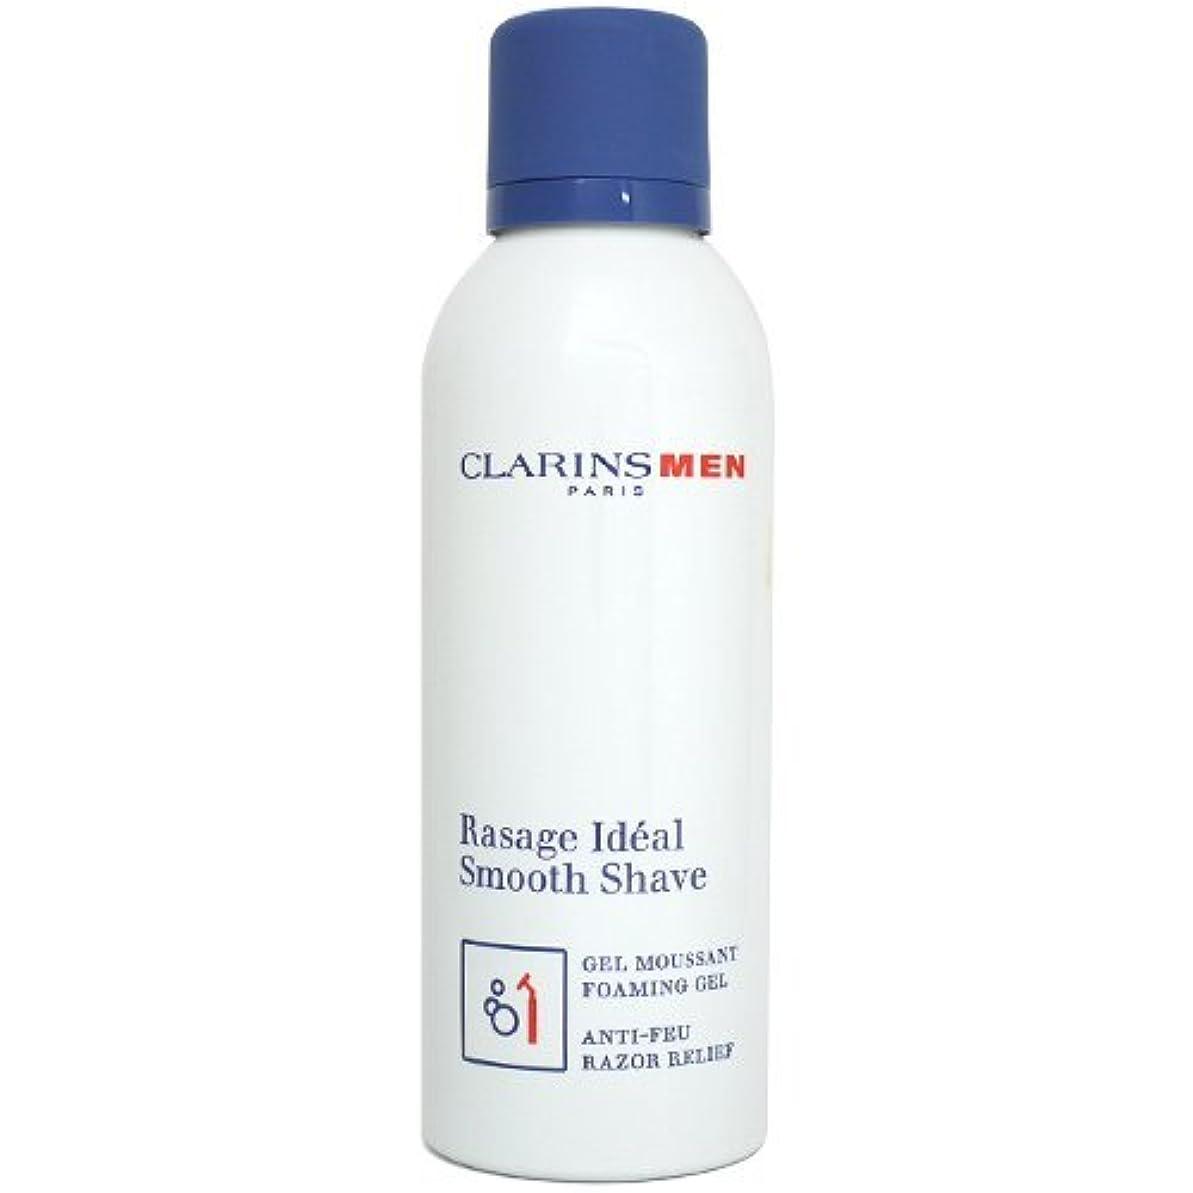 評価小屋奇跡的なクラランス CLARINS メン スムース シェイヴ 150mL [並行輸入品]